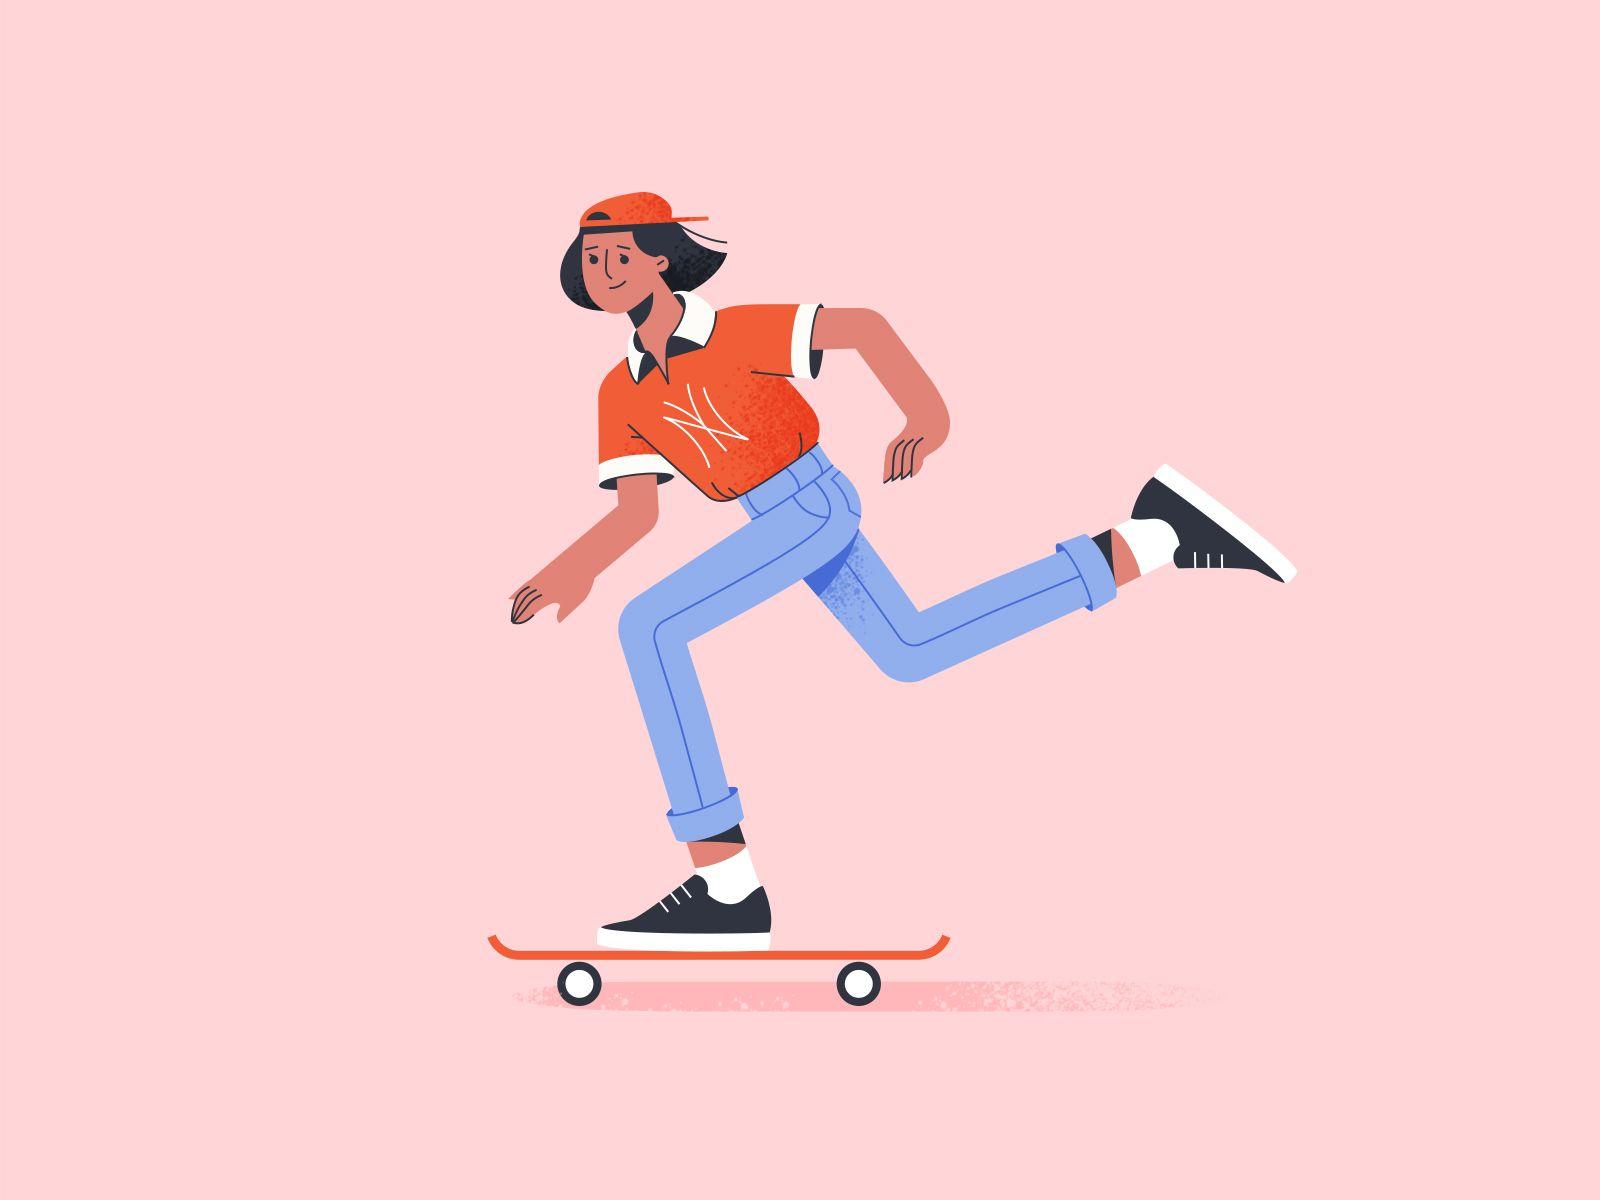 A Skateboarding Girl In 2020 Skateboard Girl Skateboard Skater Girl Outfits